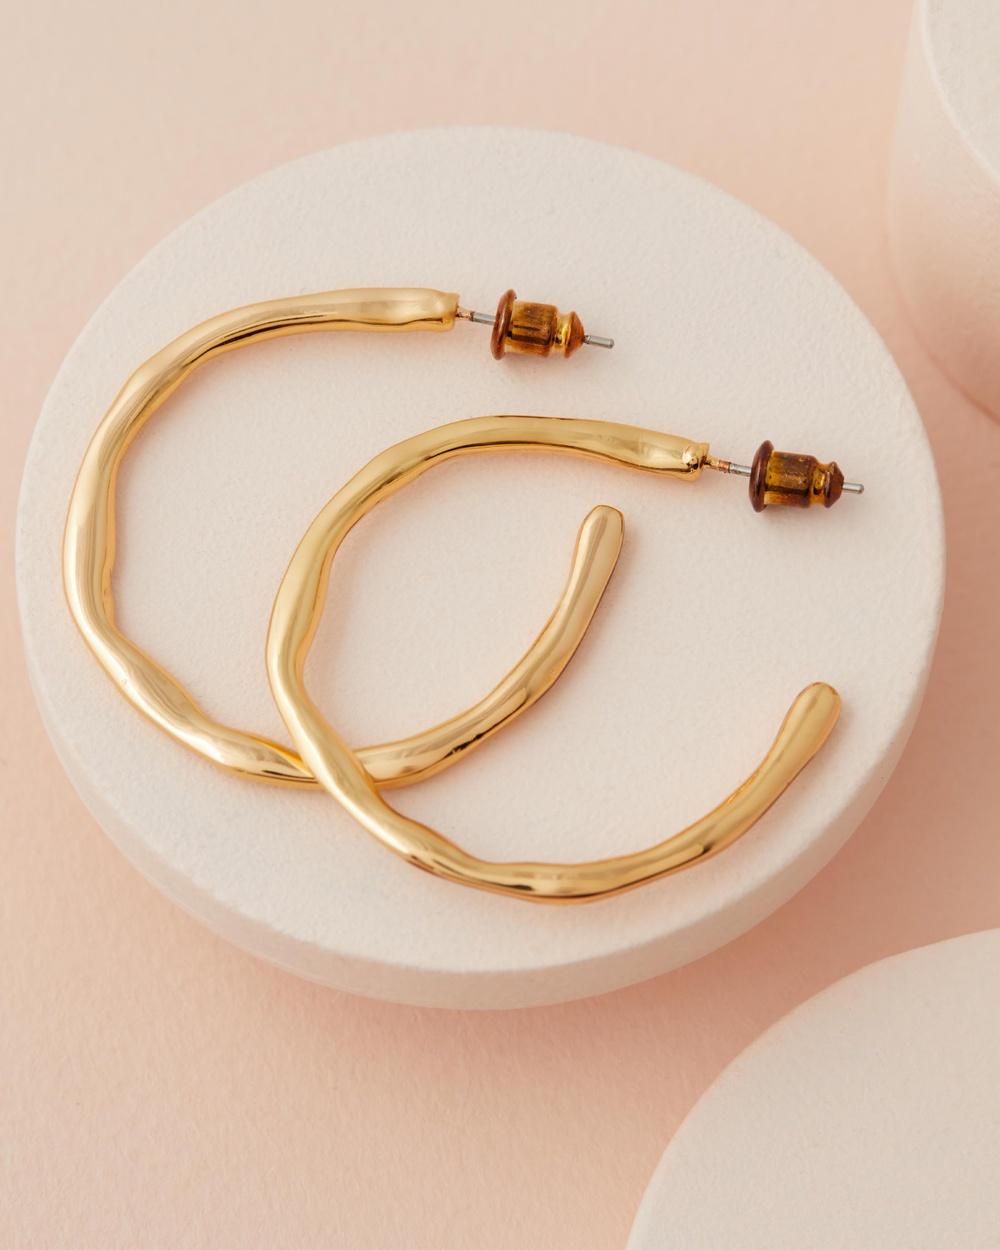 Reliquia Jewellery Always Ready Gold Hoop Earrings Gold